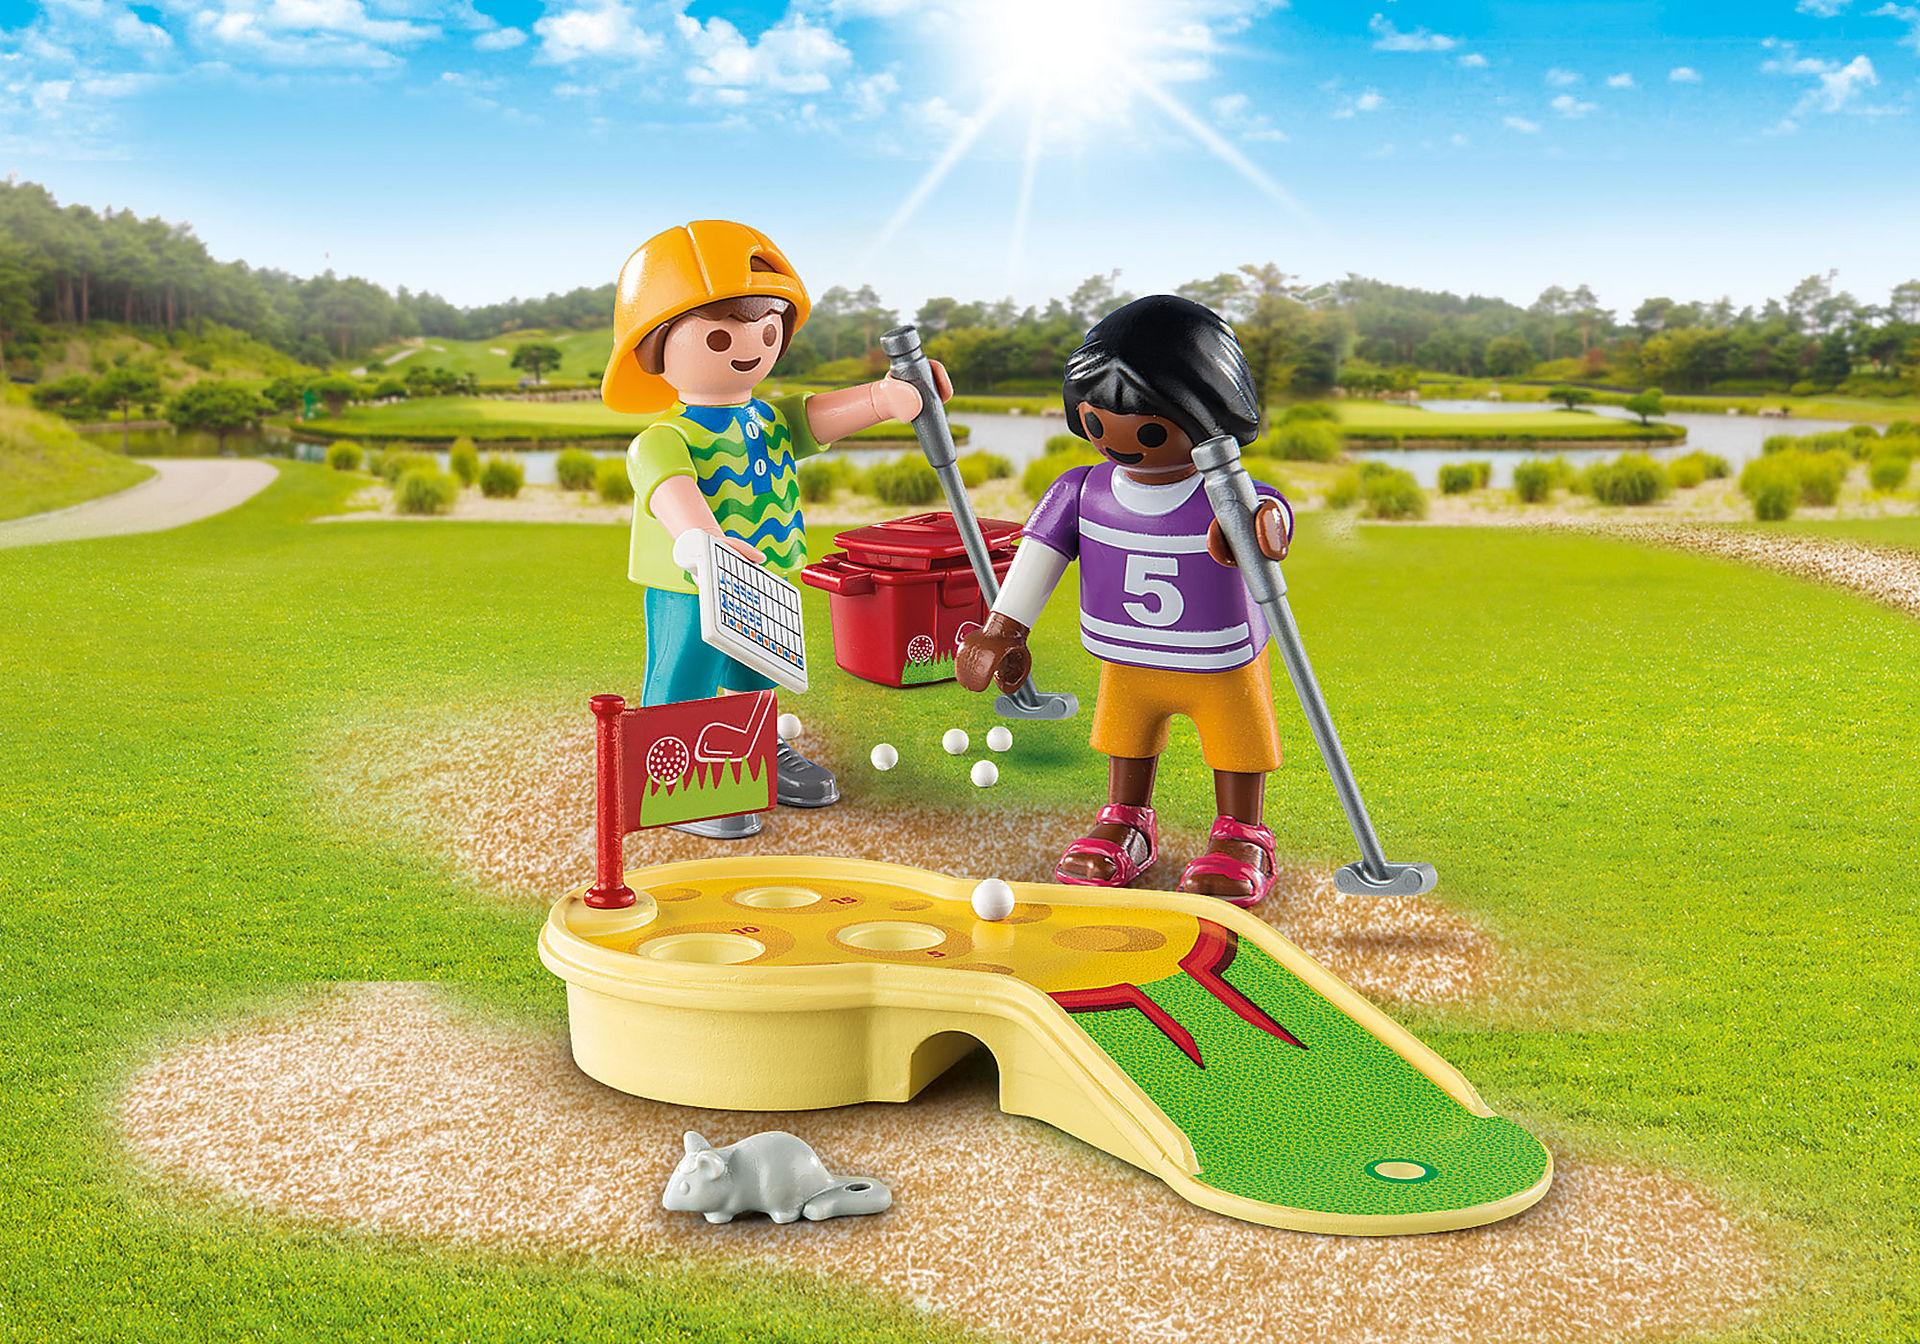 9439 Dzieci grające w minigolfa zoom image1